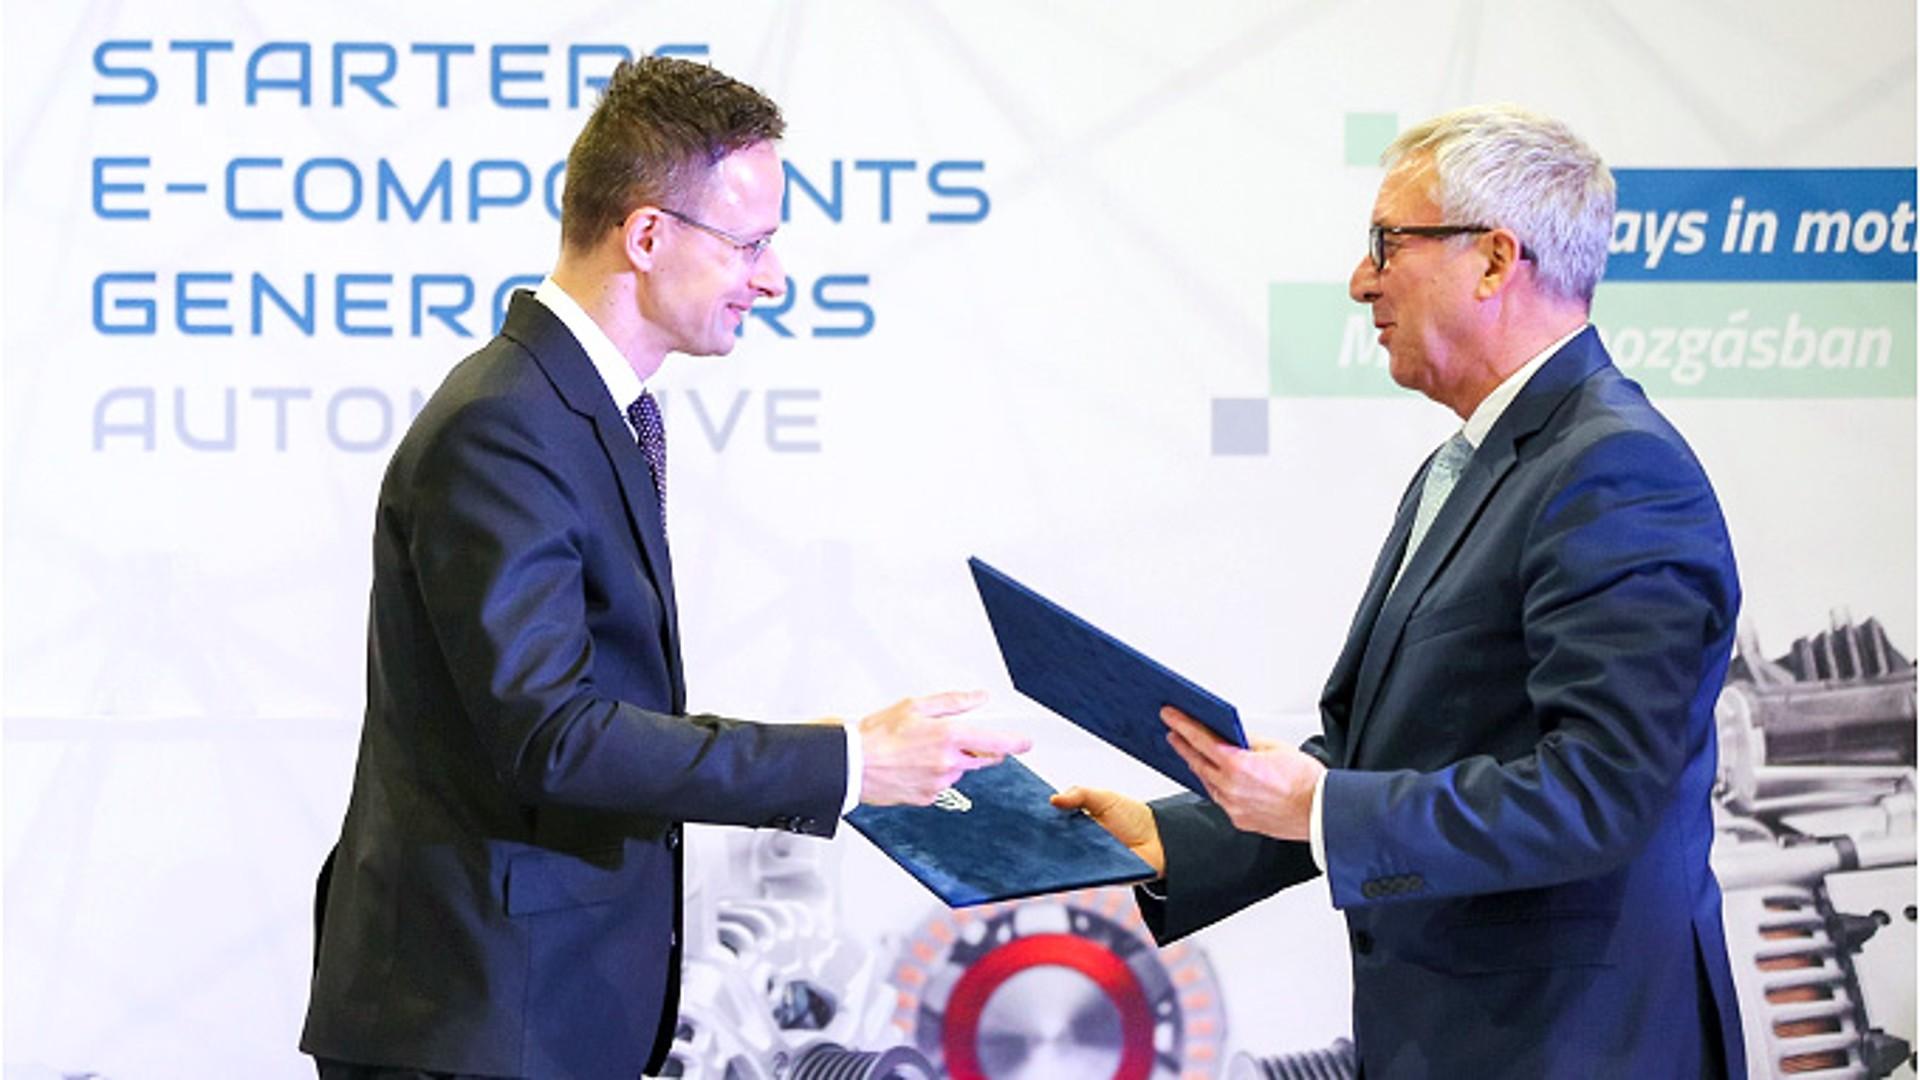 匈牙利部长Péter Szijjártó先生与索恩格汽车的Uwe Mang先生签署合作协议